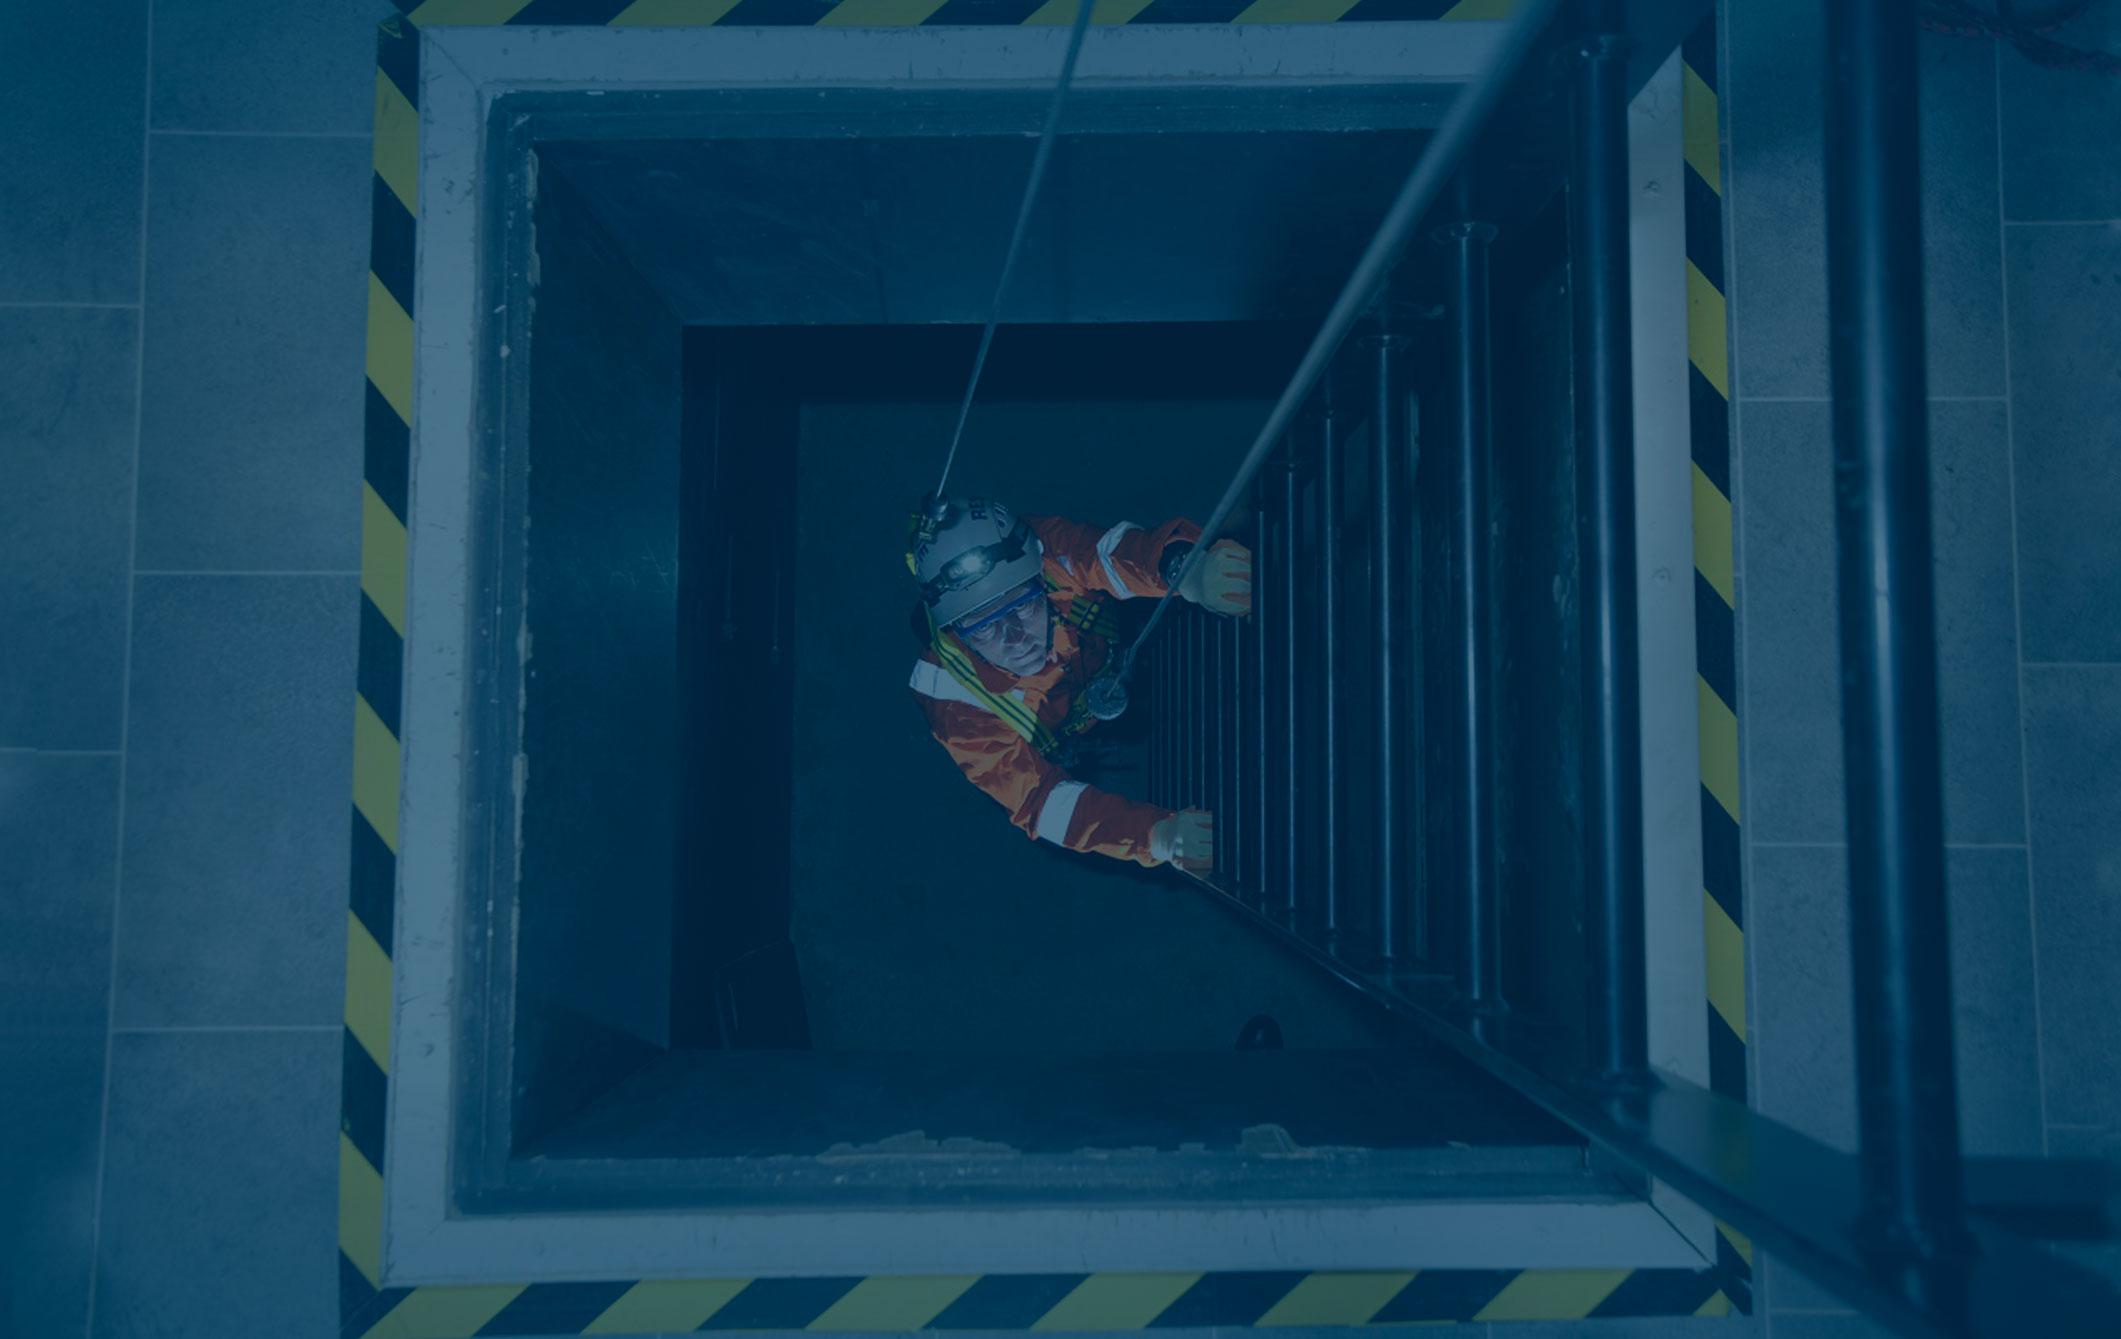 Безопасные методы и приемы выполнения работ в ограниченных и замкнутых пространствах (ОЗП)